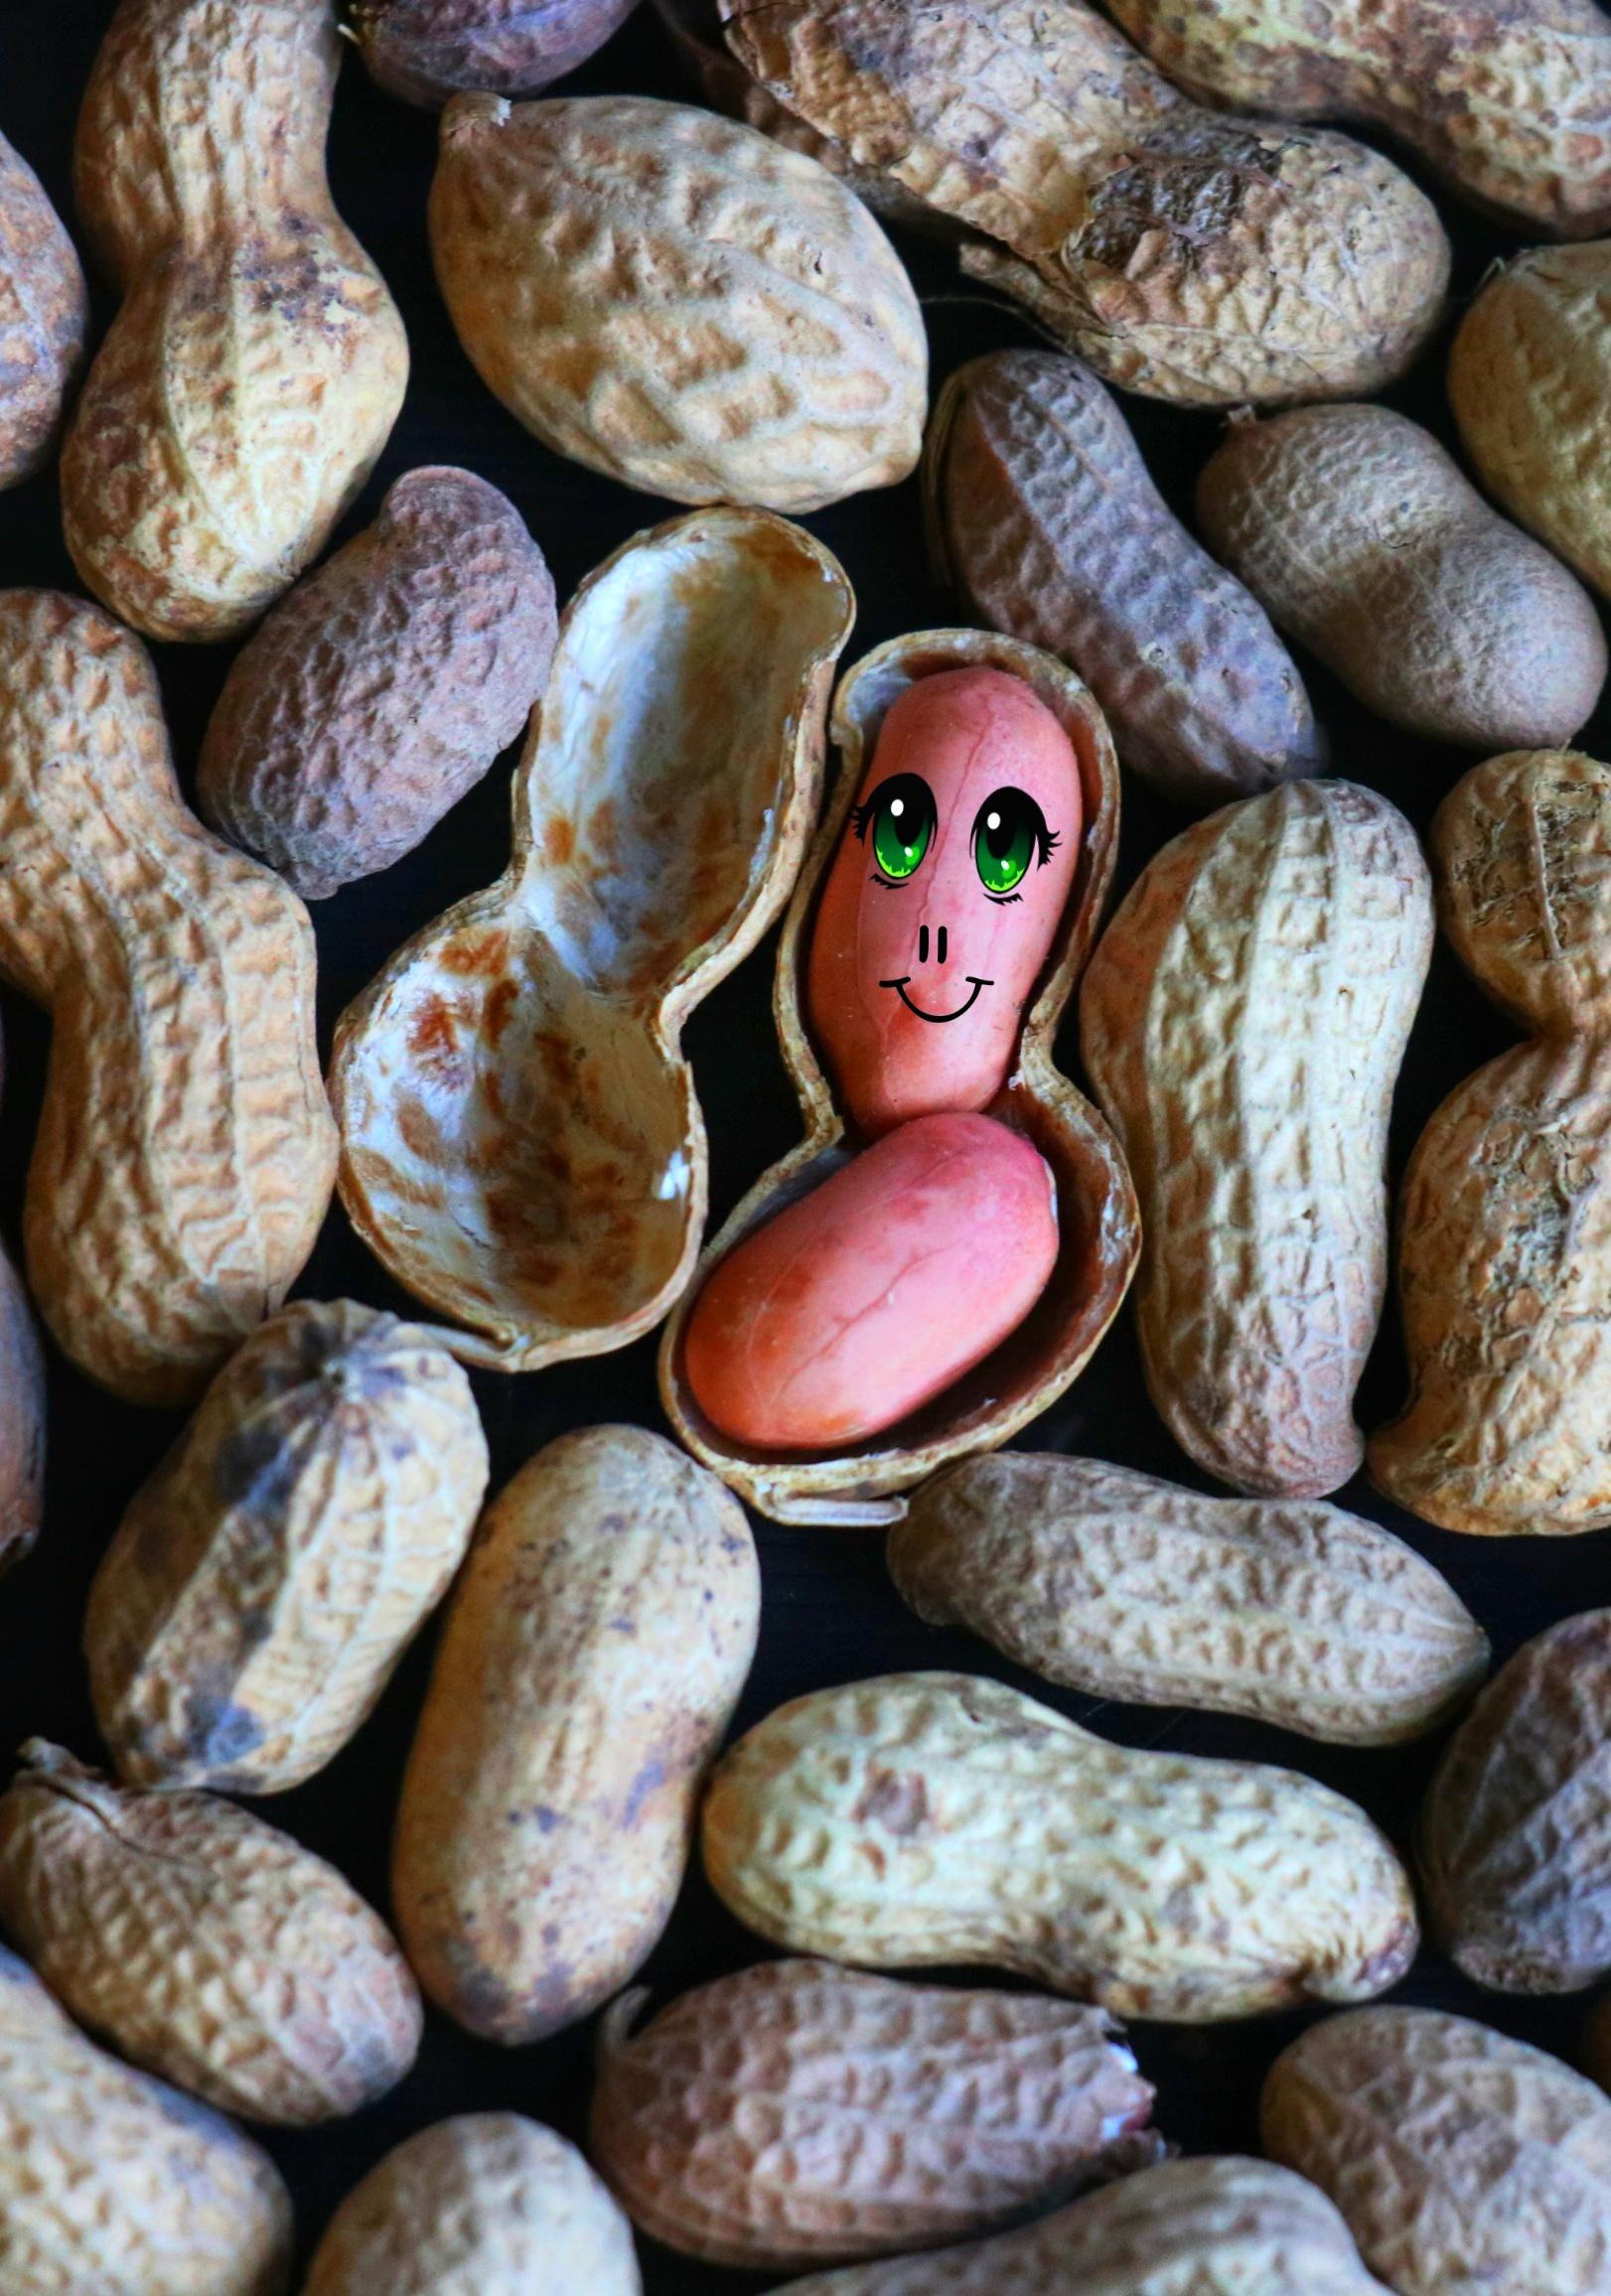 Art on peanuts